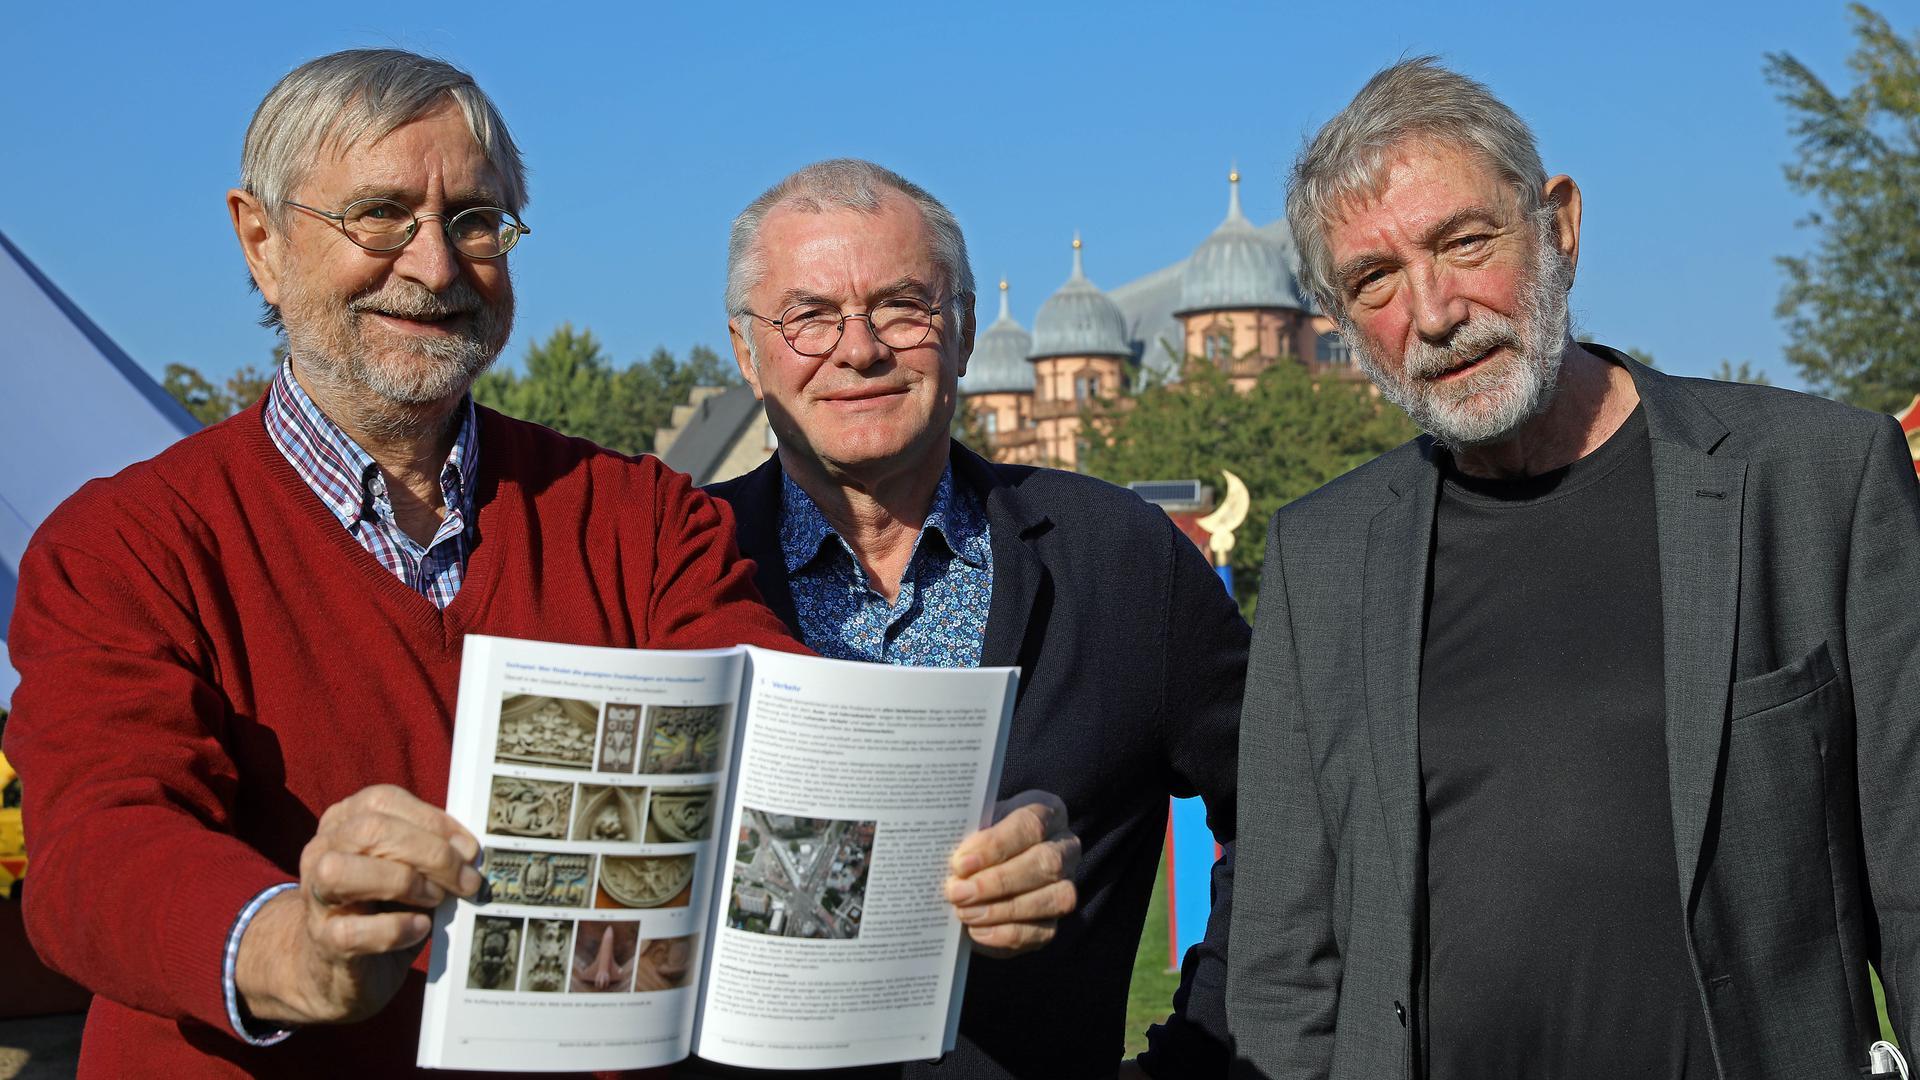 Der Bürgerverein Oststadt gibt zum 125-jährigen Bestehen einen Erlebnisführer durch das Stadtviertel heraus. Daran gearbeitet haben besonders Josef Frank und Jakob Karst sowie der Vereinsvorsitzende Jürgen Scherle (von links).